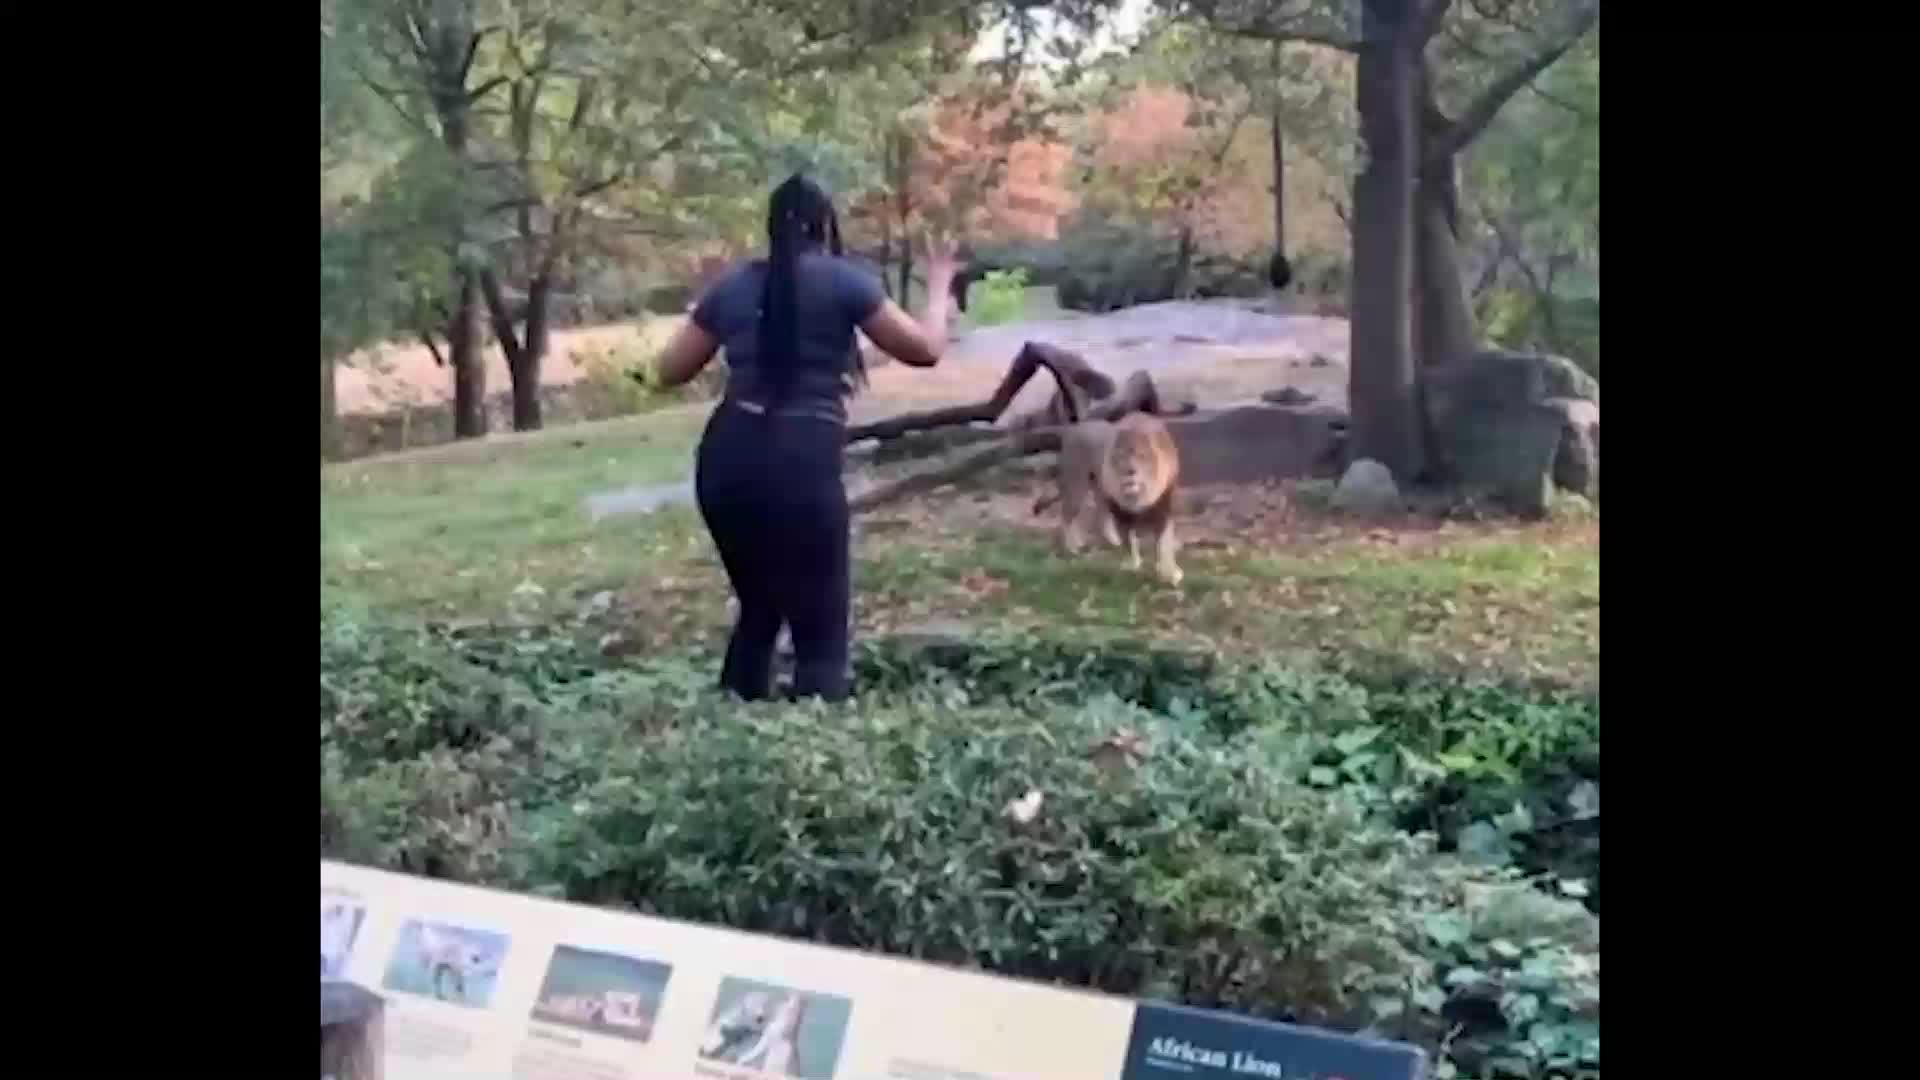 Mujer ingresa a jaula de leones y baila frente a ellos